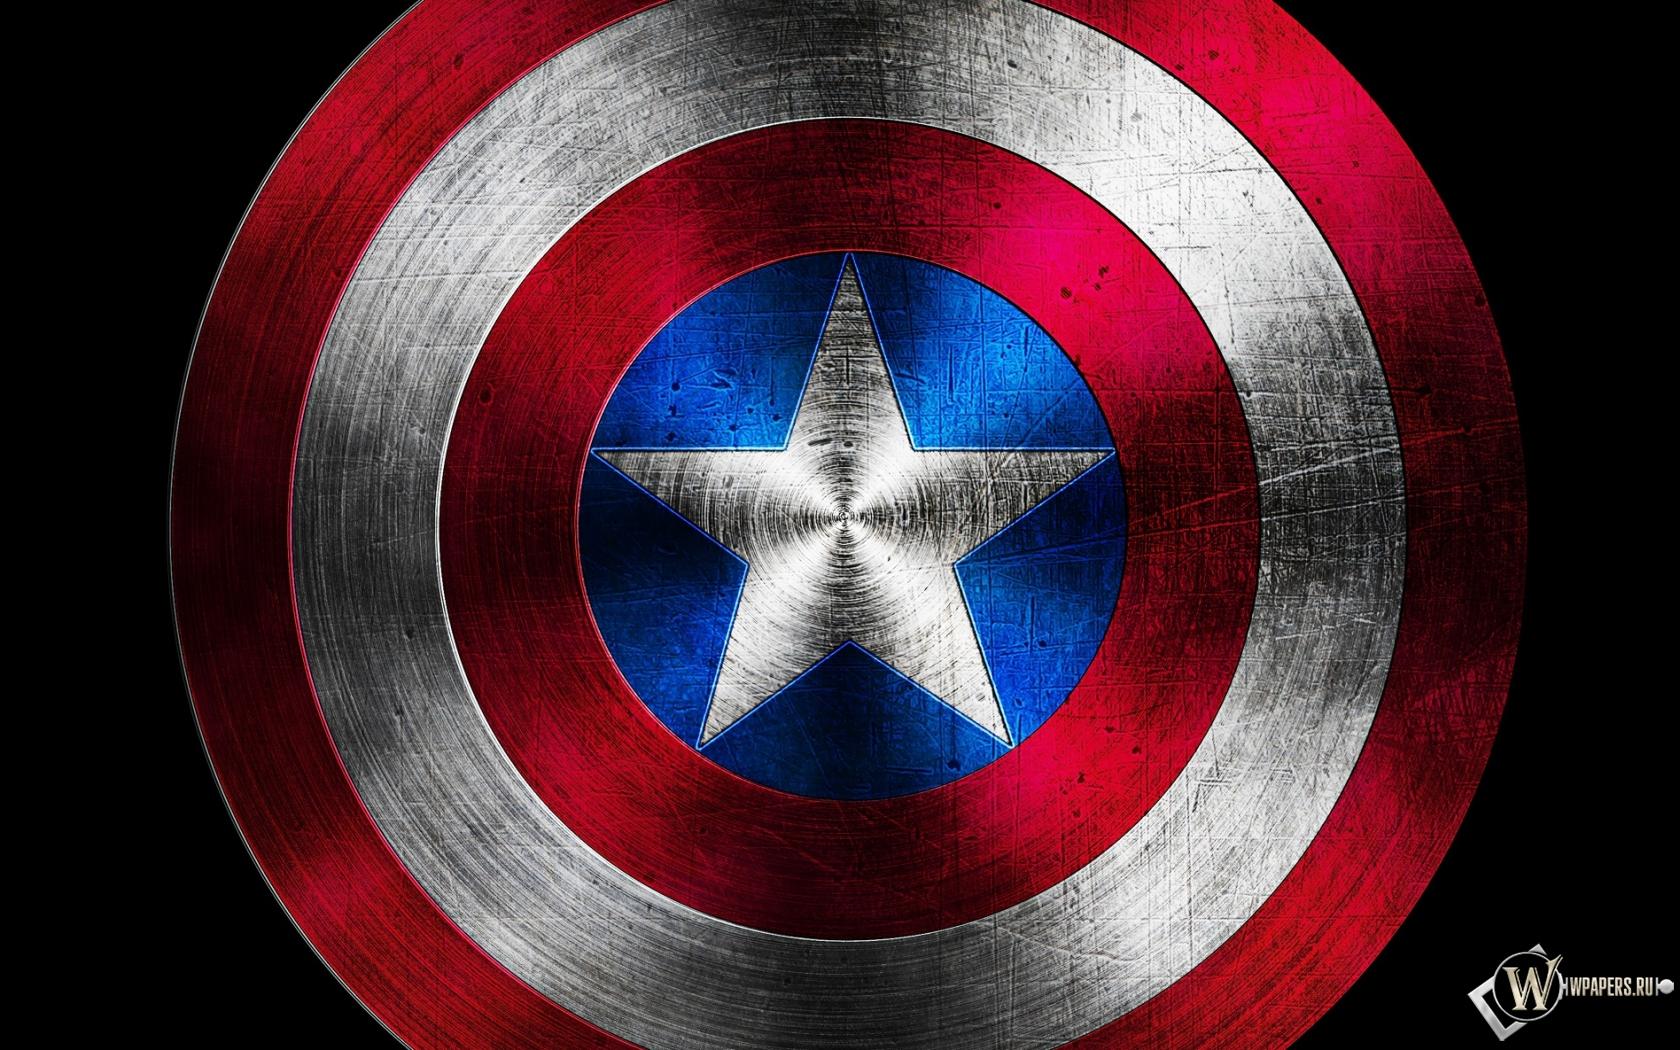 49 Captain America Shield Wallpaper On Wallpapersafari